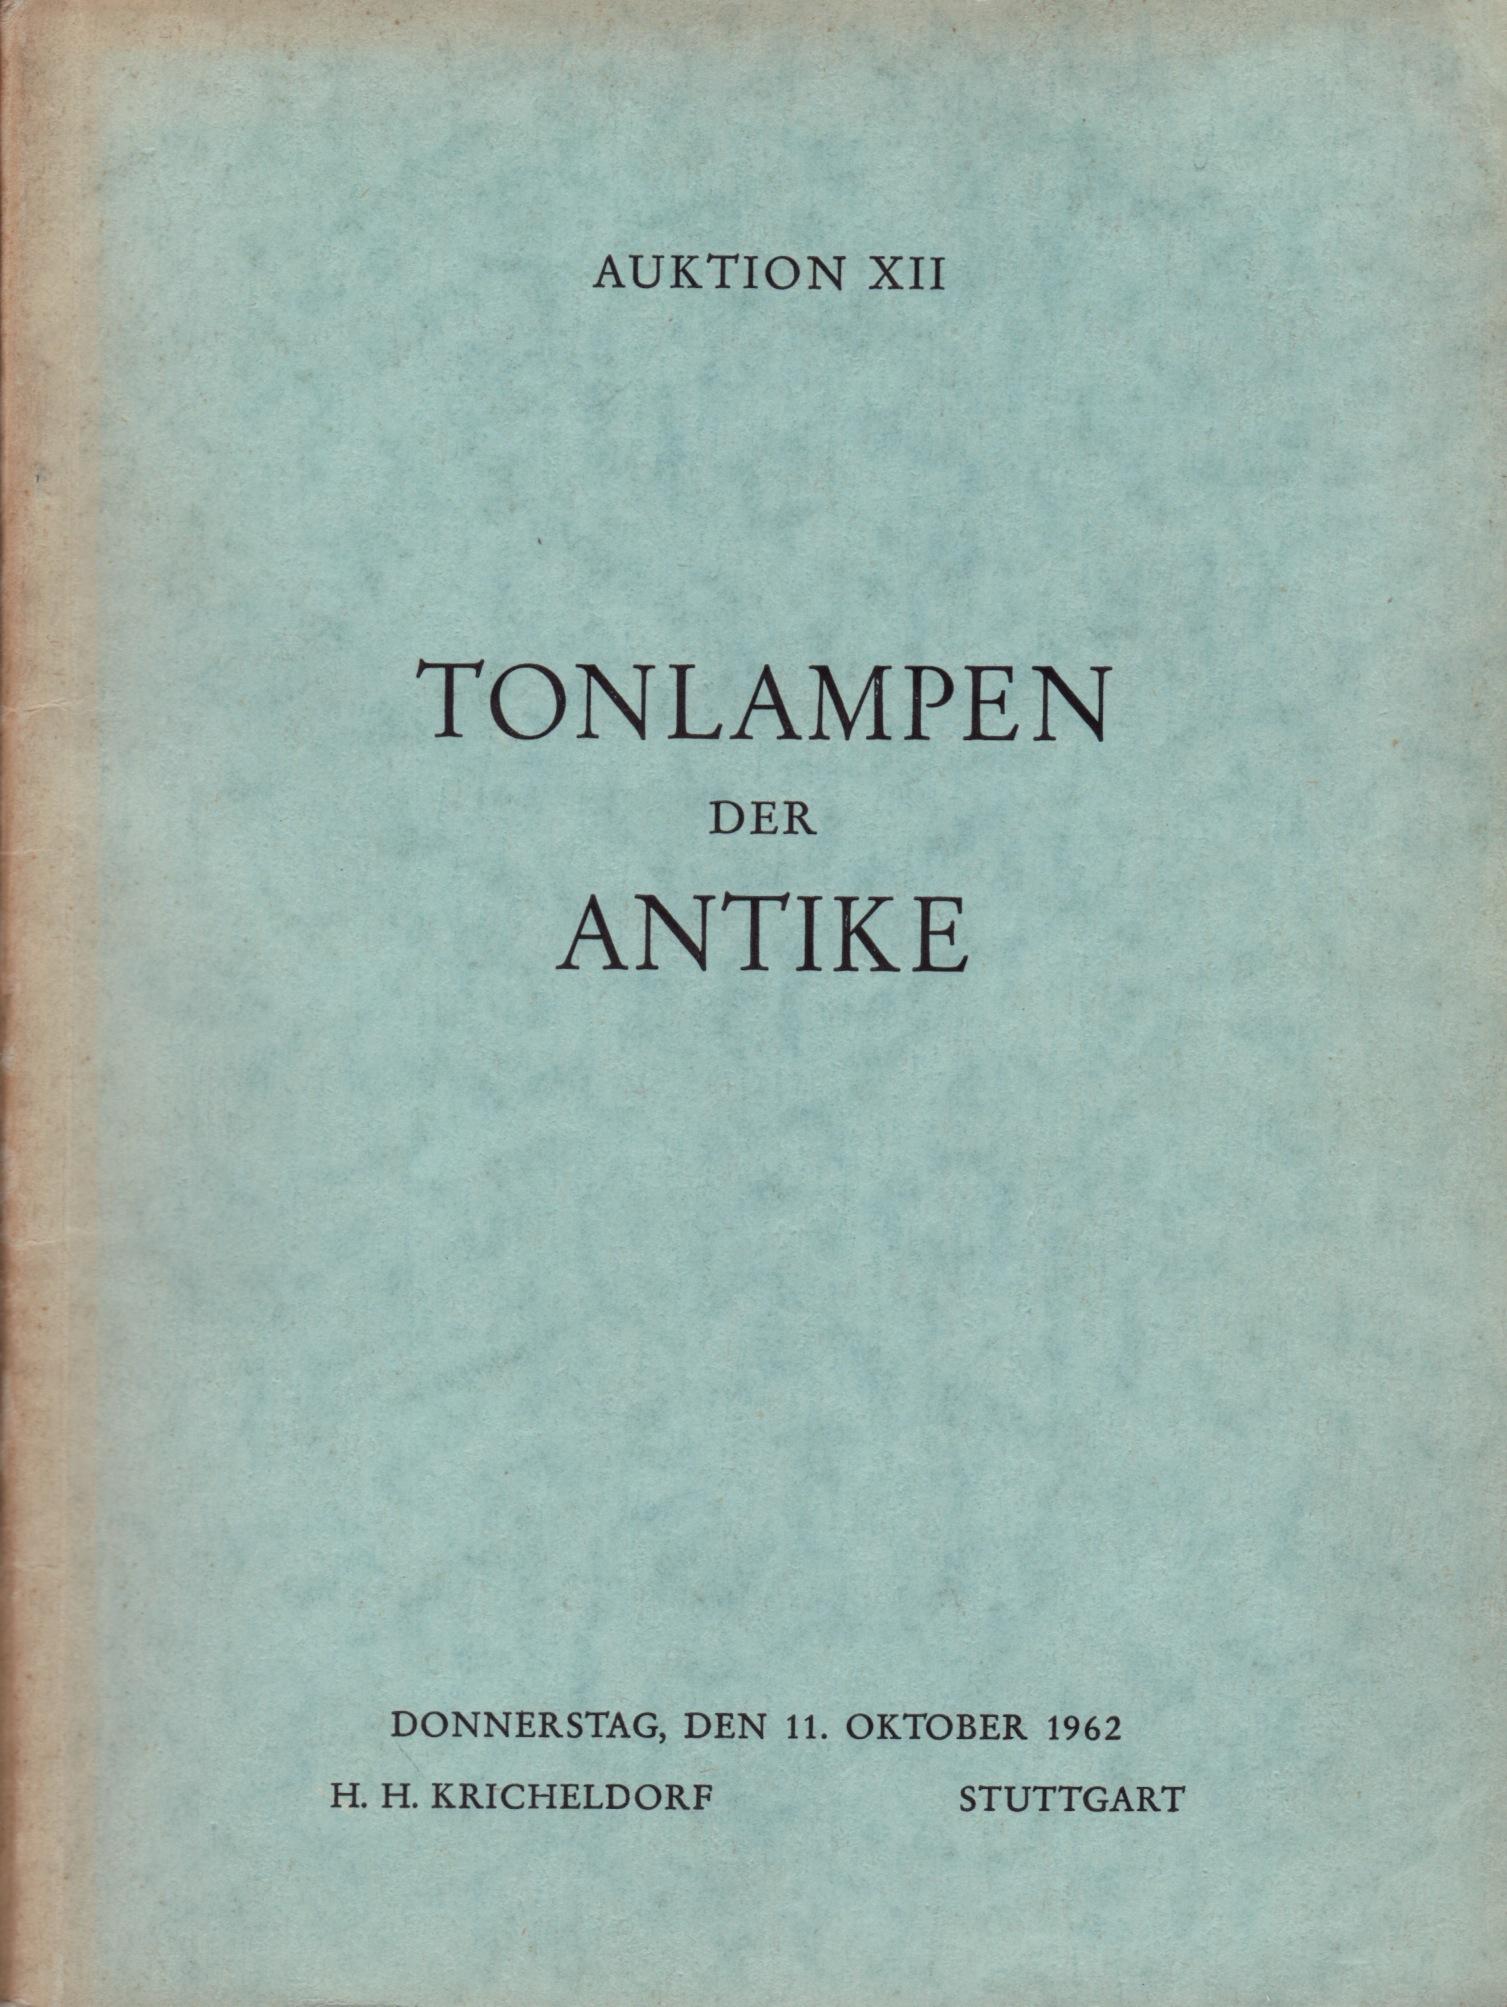 Kricheldorf 1962